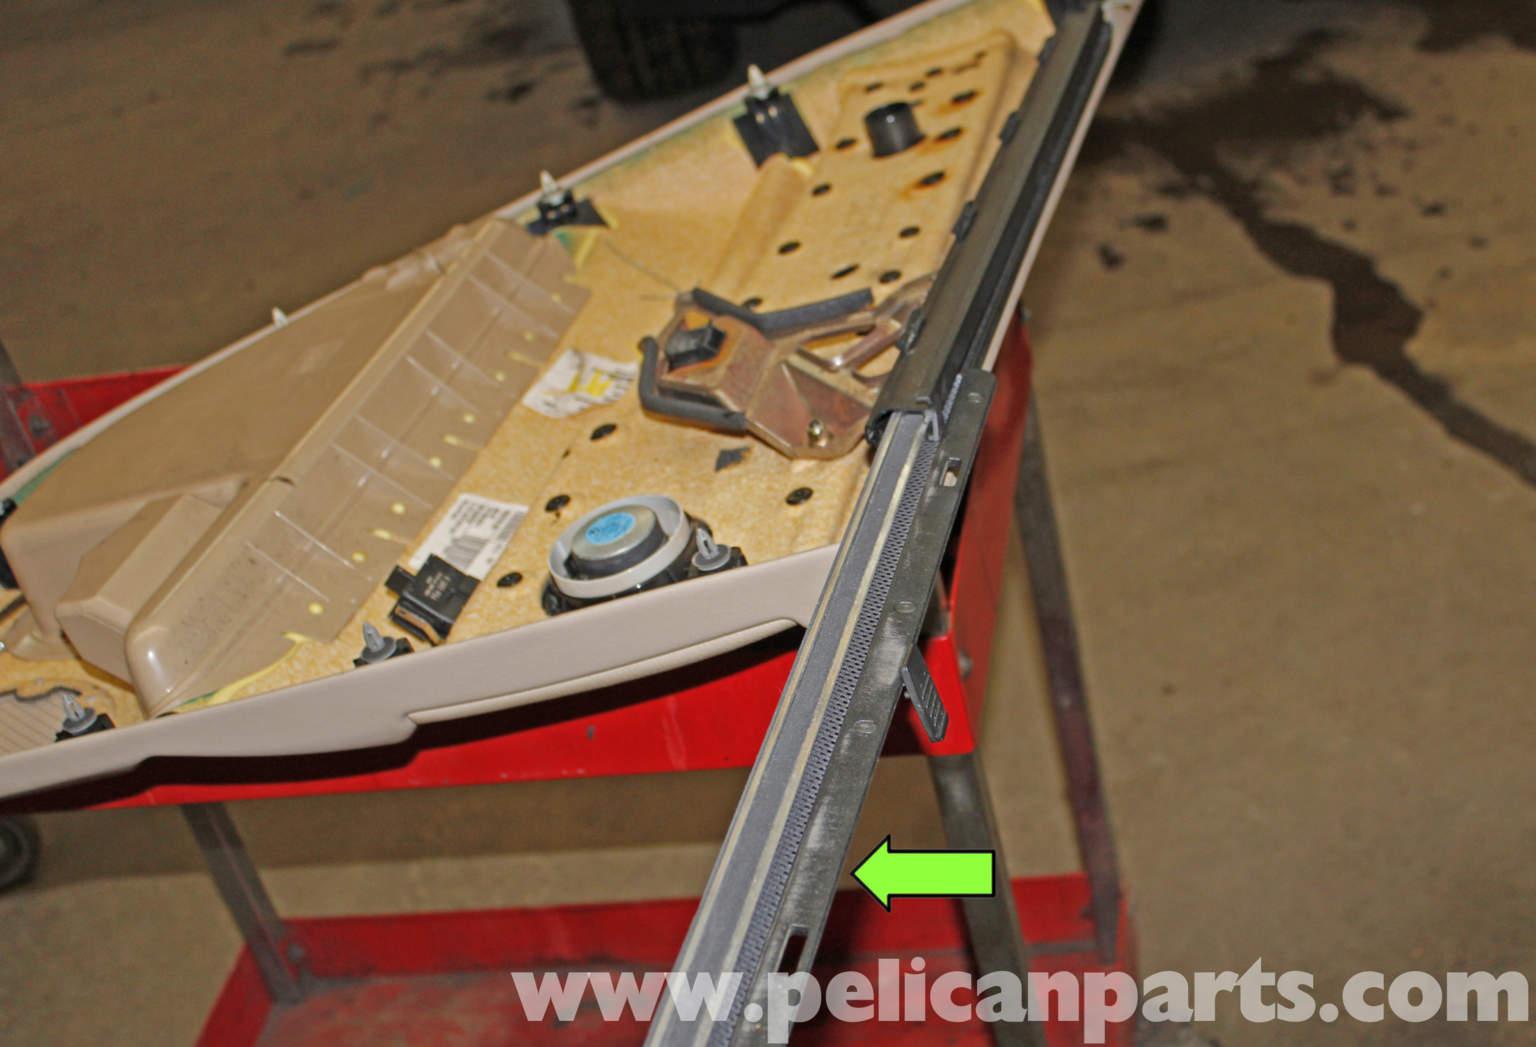 Pelican Technical Article Bmw X5 Rear Door Panel Replacement